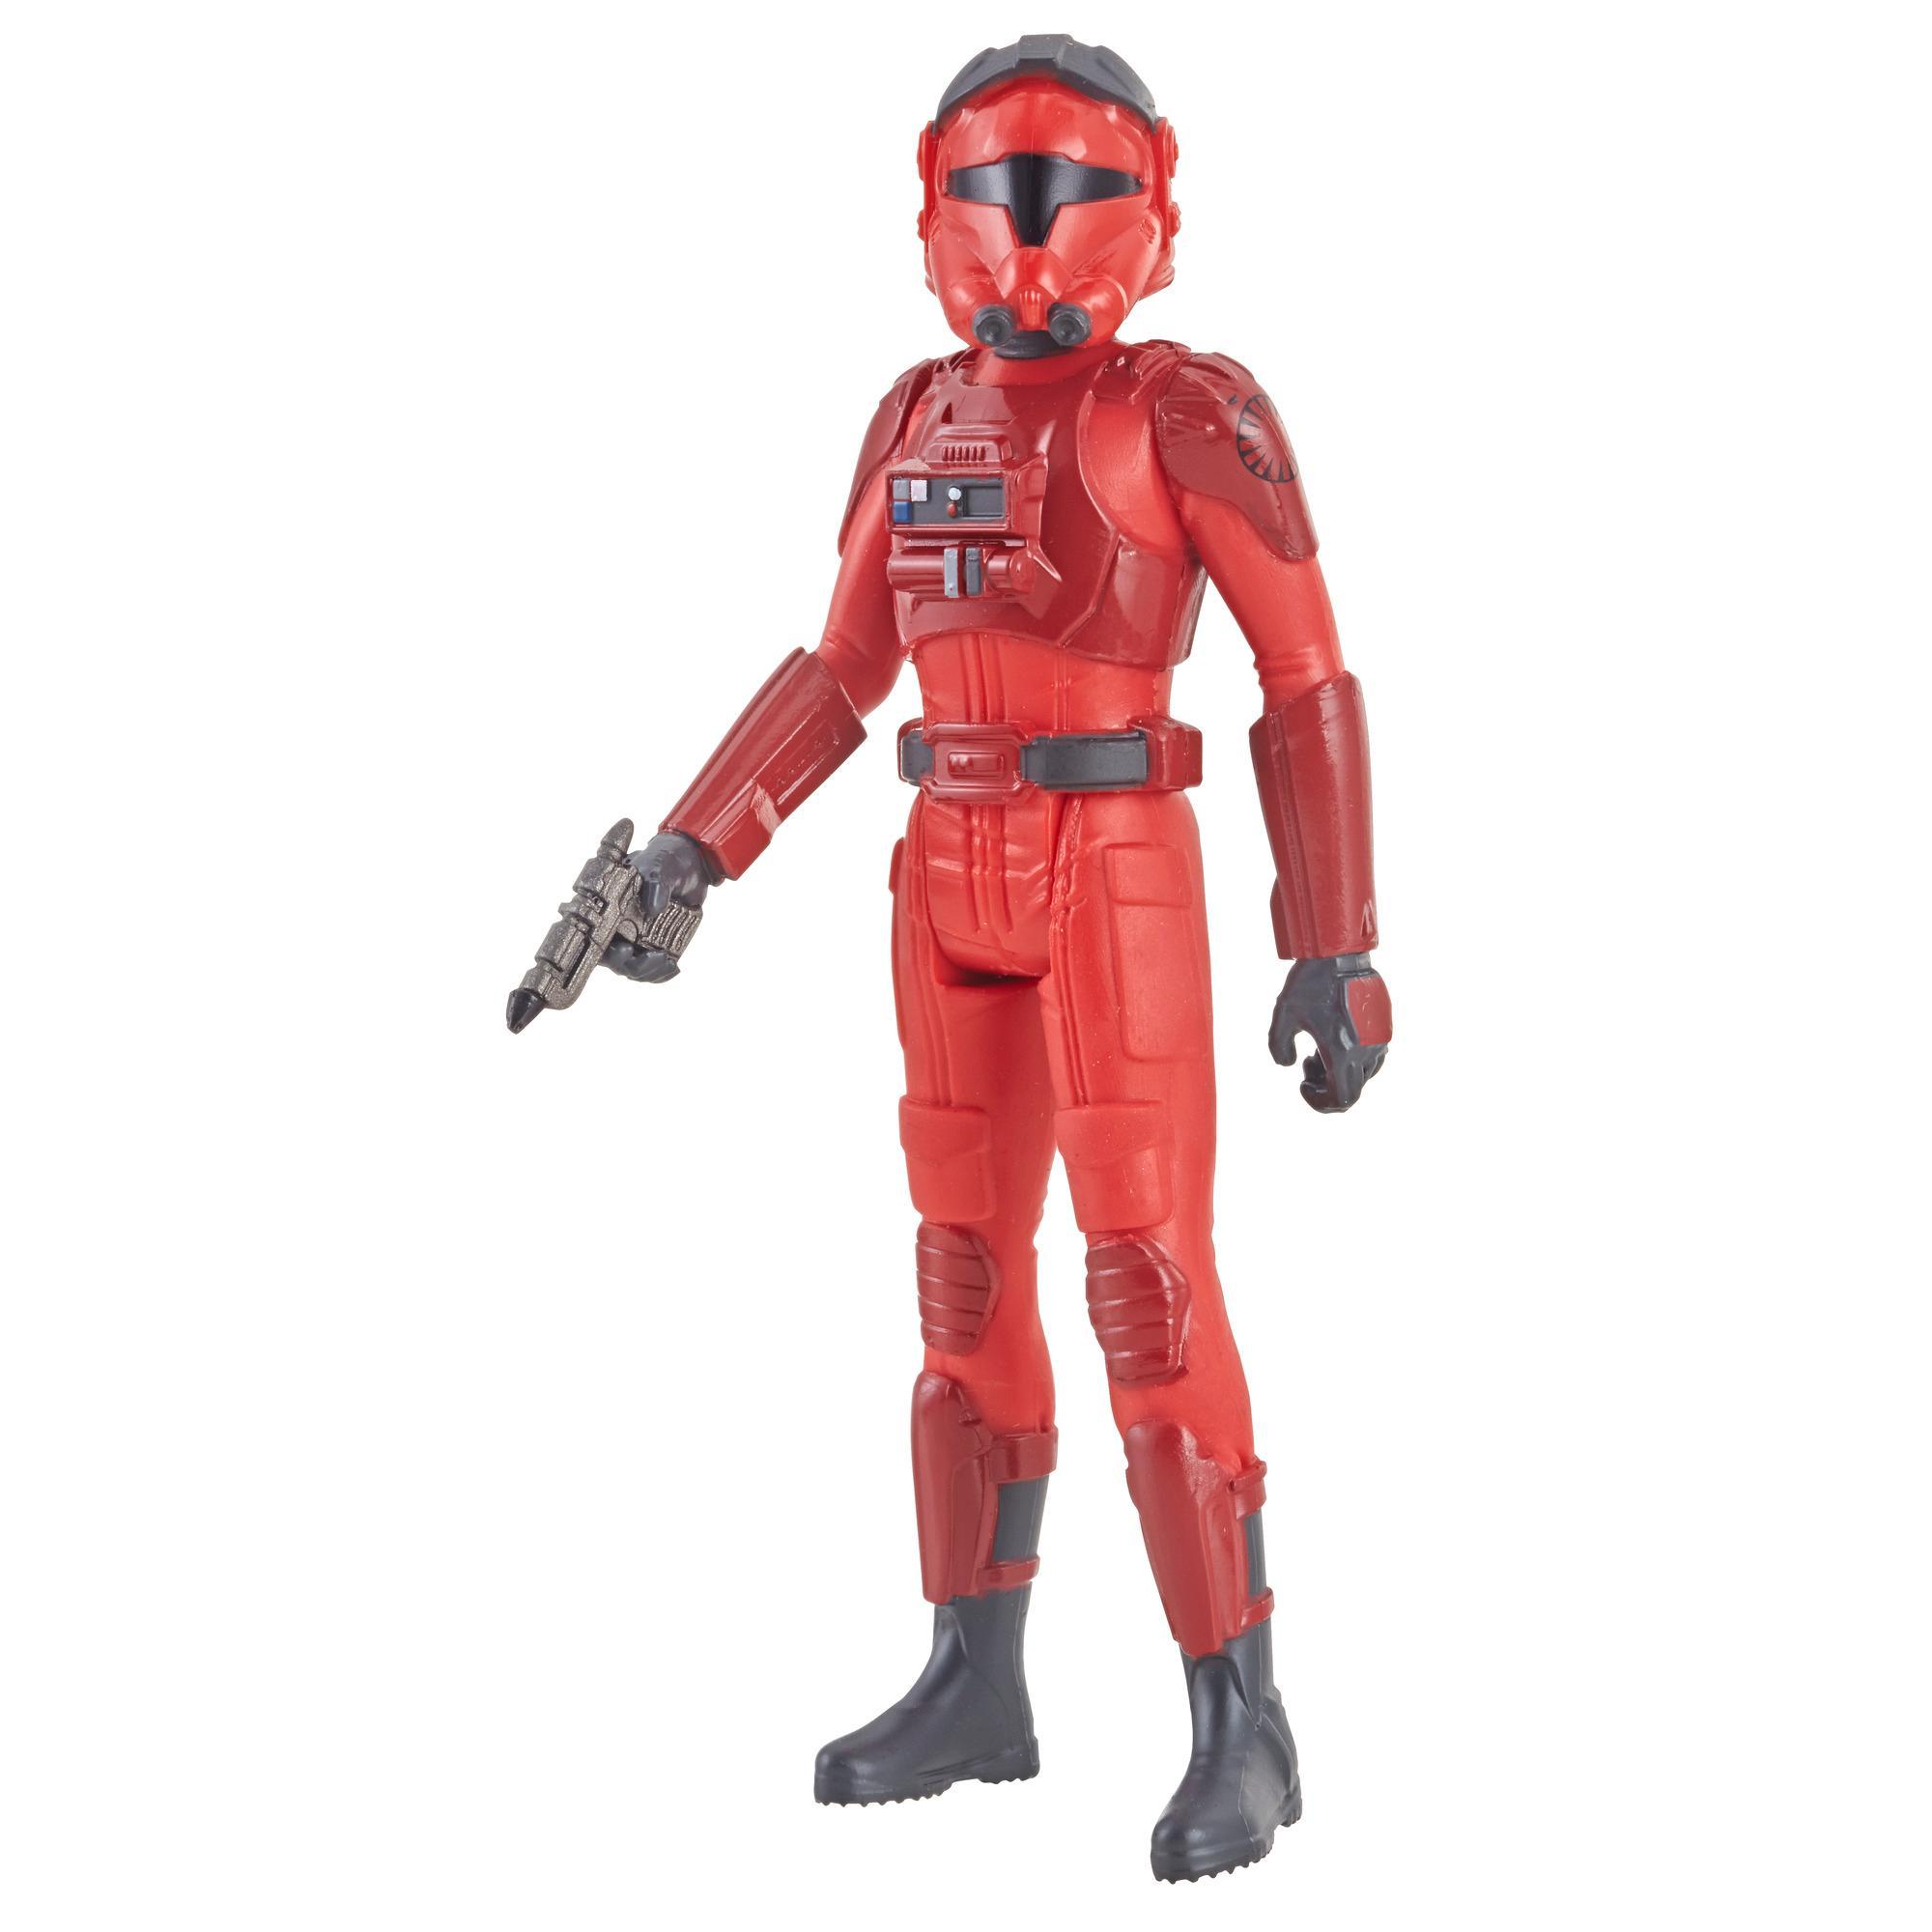 Star Wars Major Vonreg Figur